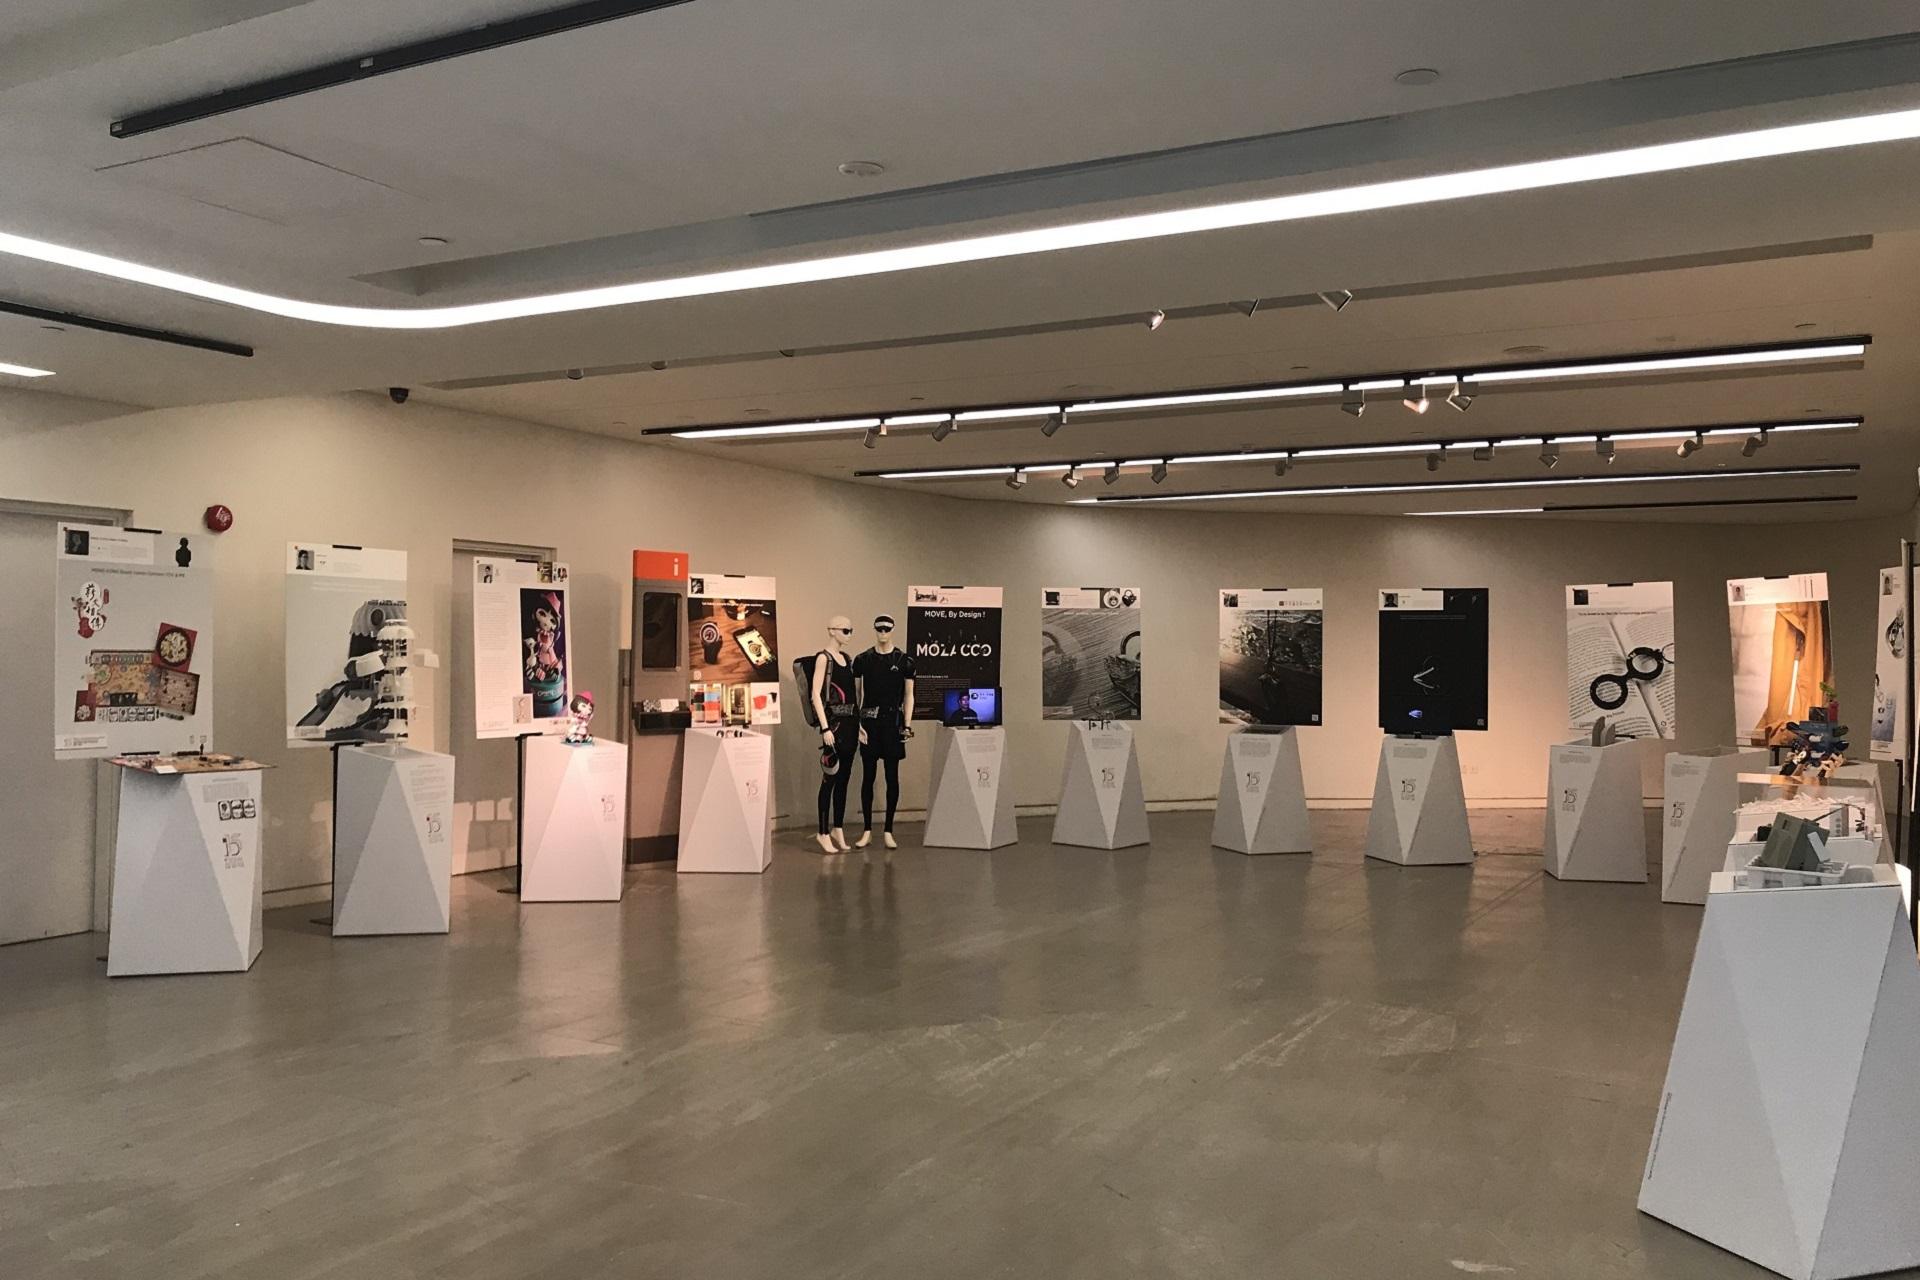 賽馬會創新樓主要功能之一為展覽(照片來源:賽馬會創新樓).JPG